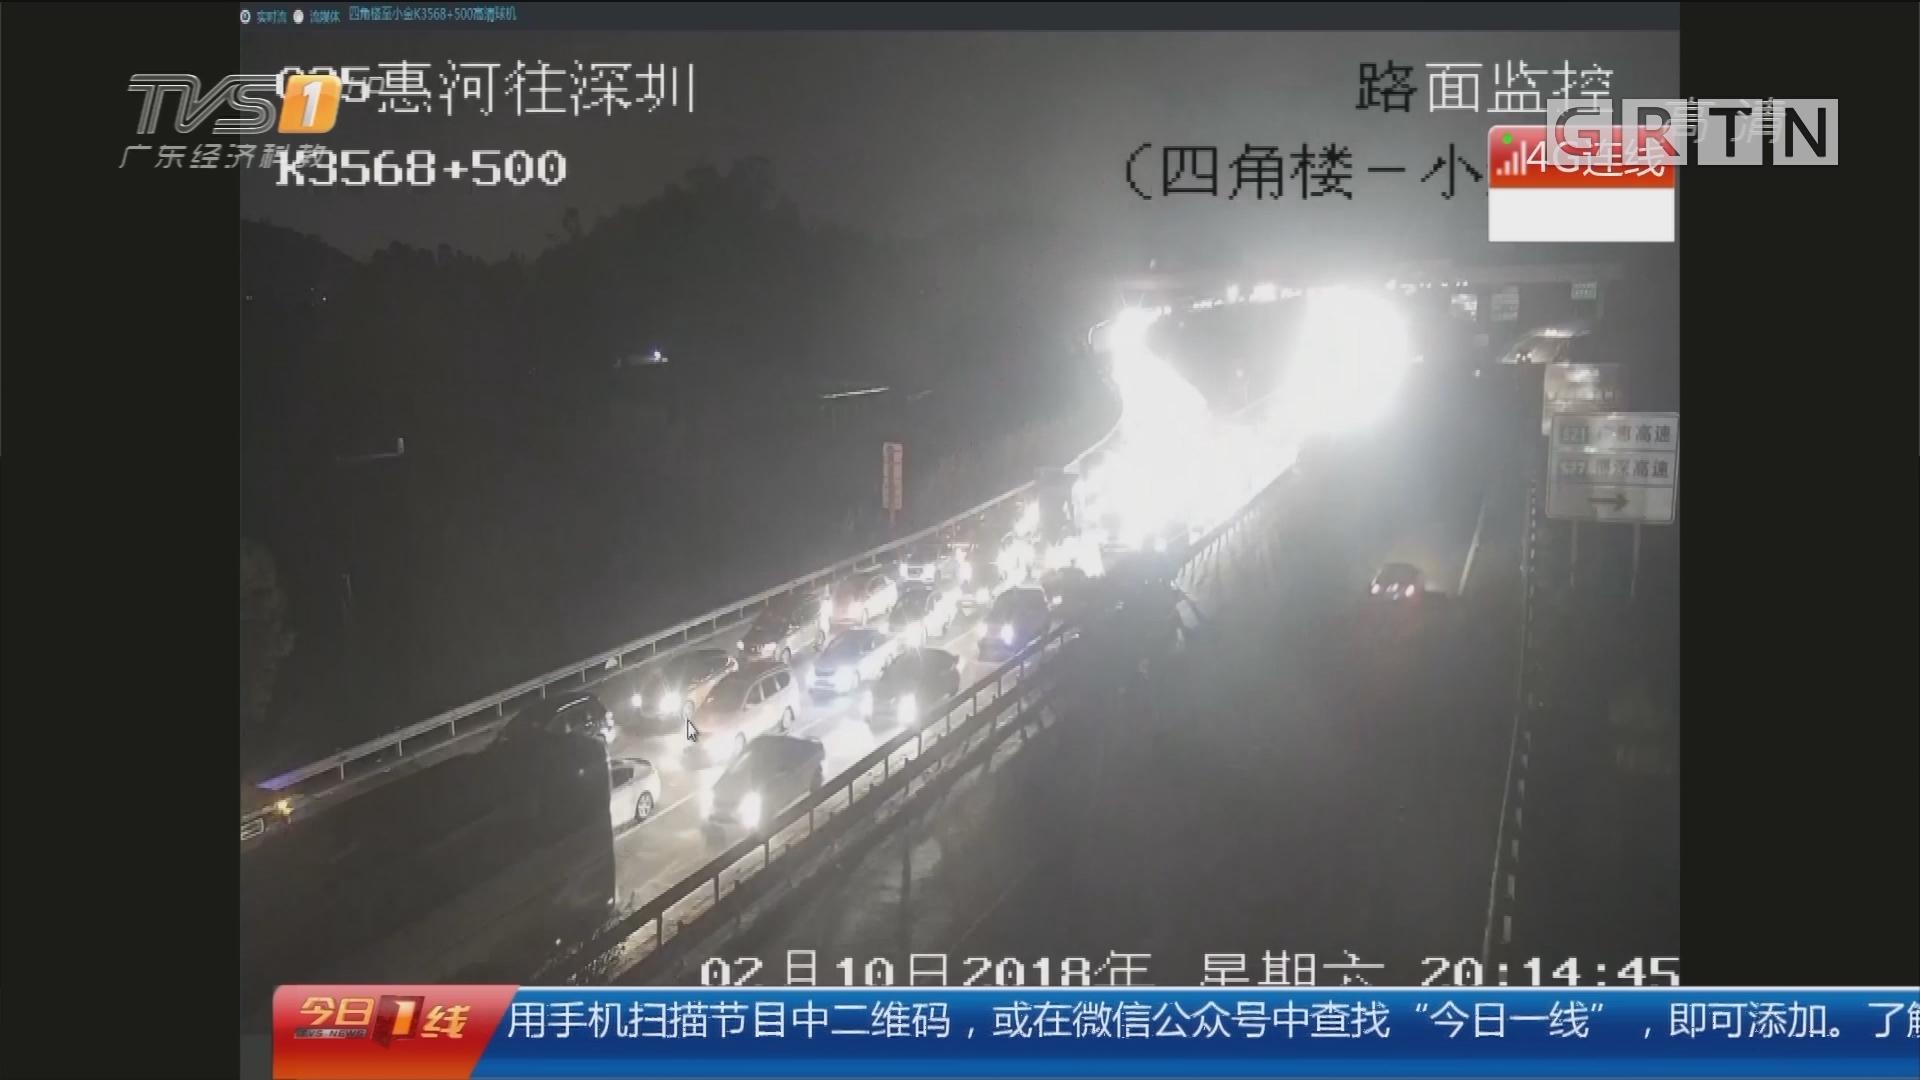 直播连线:省交通监控中心 全省高速出行高峰 23个路段拥堵